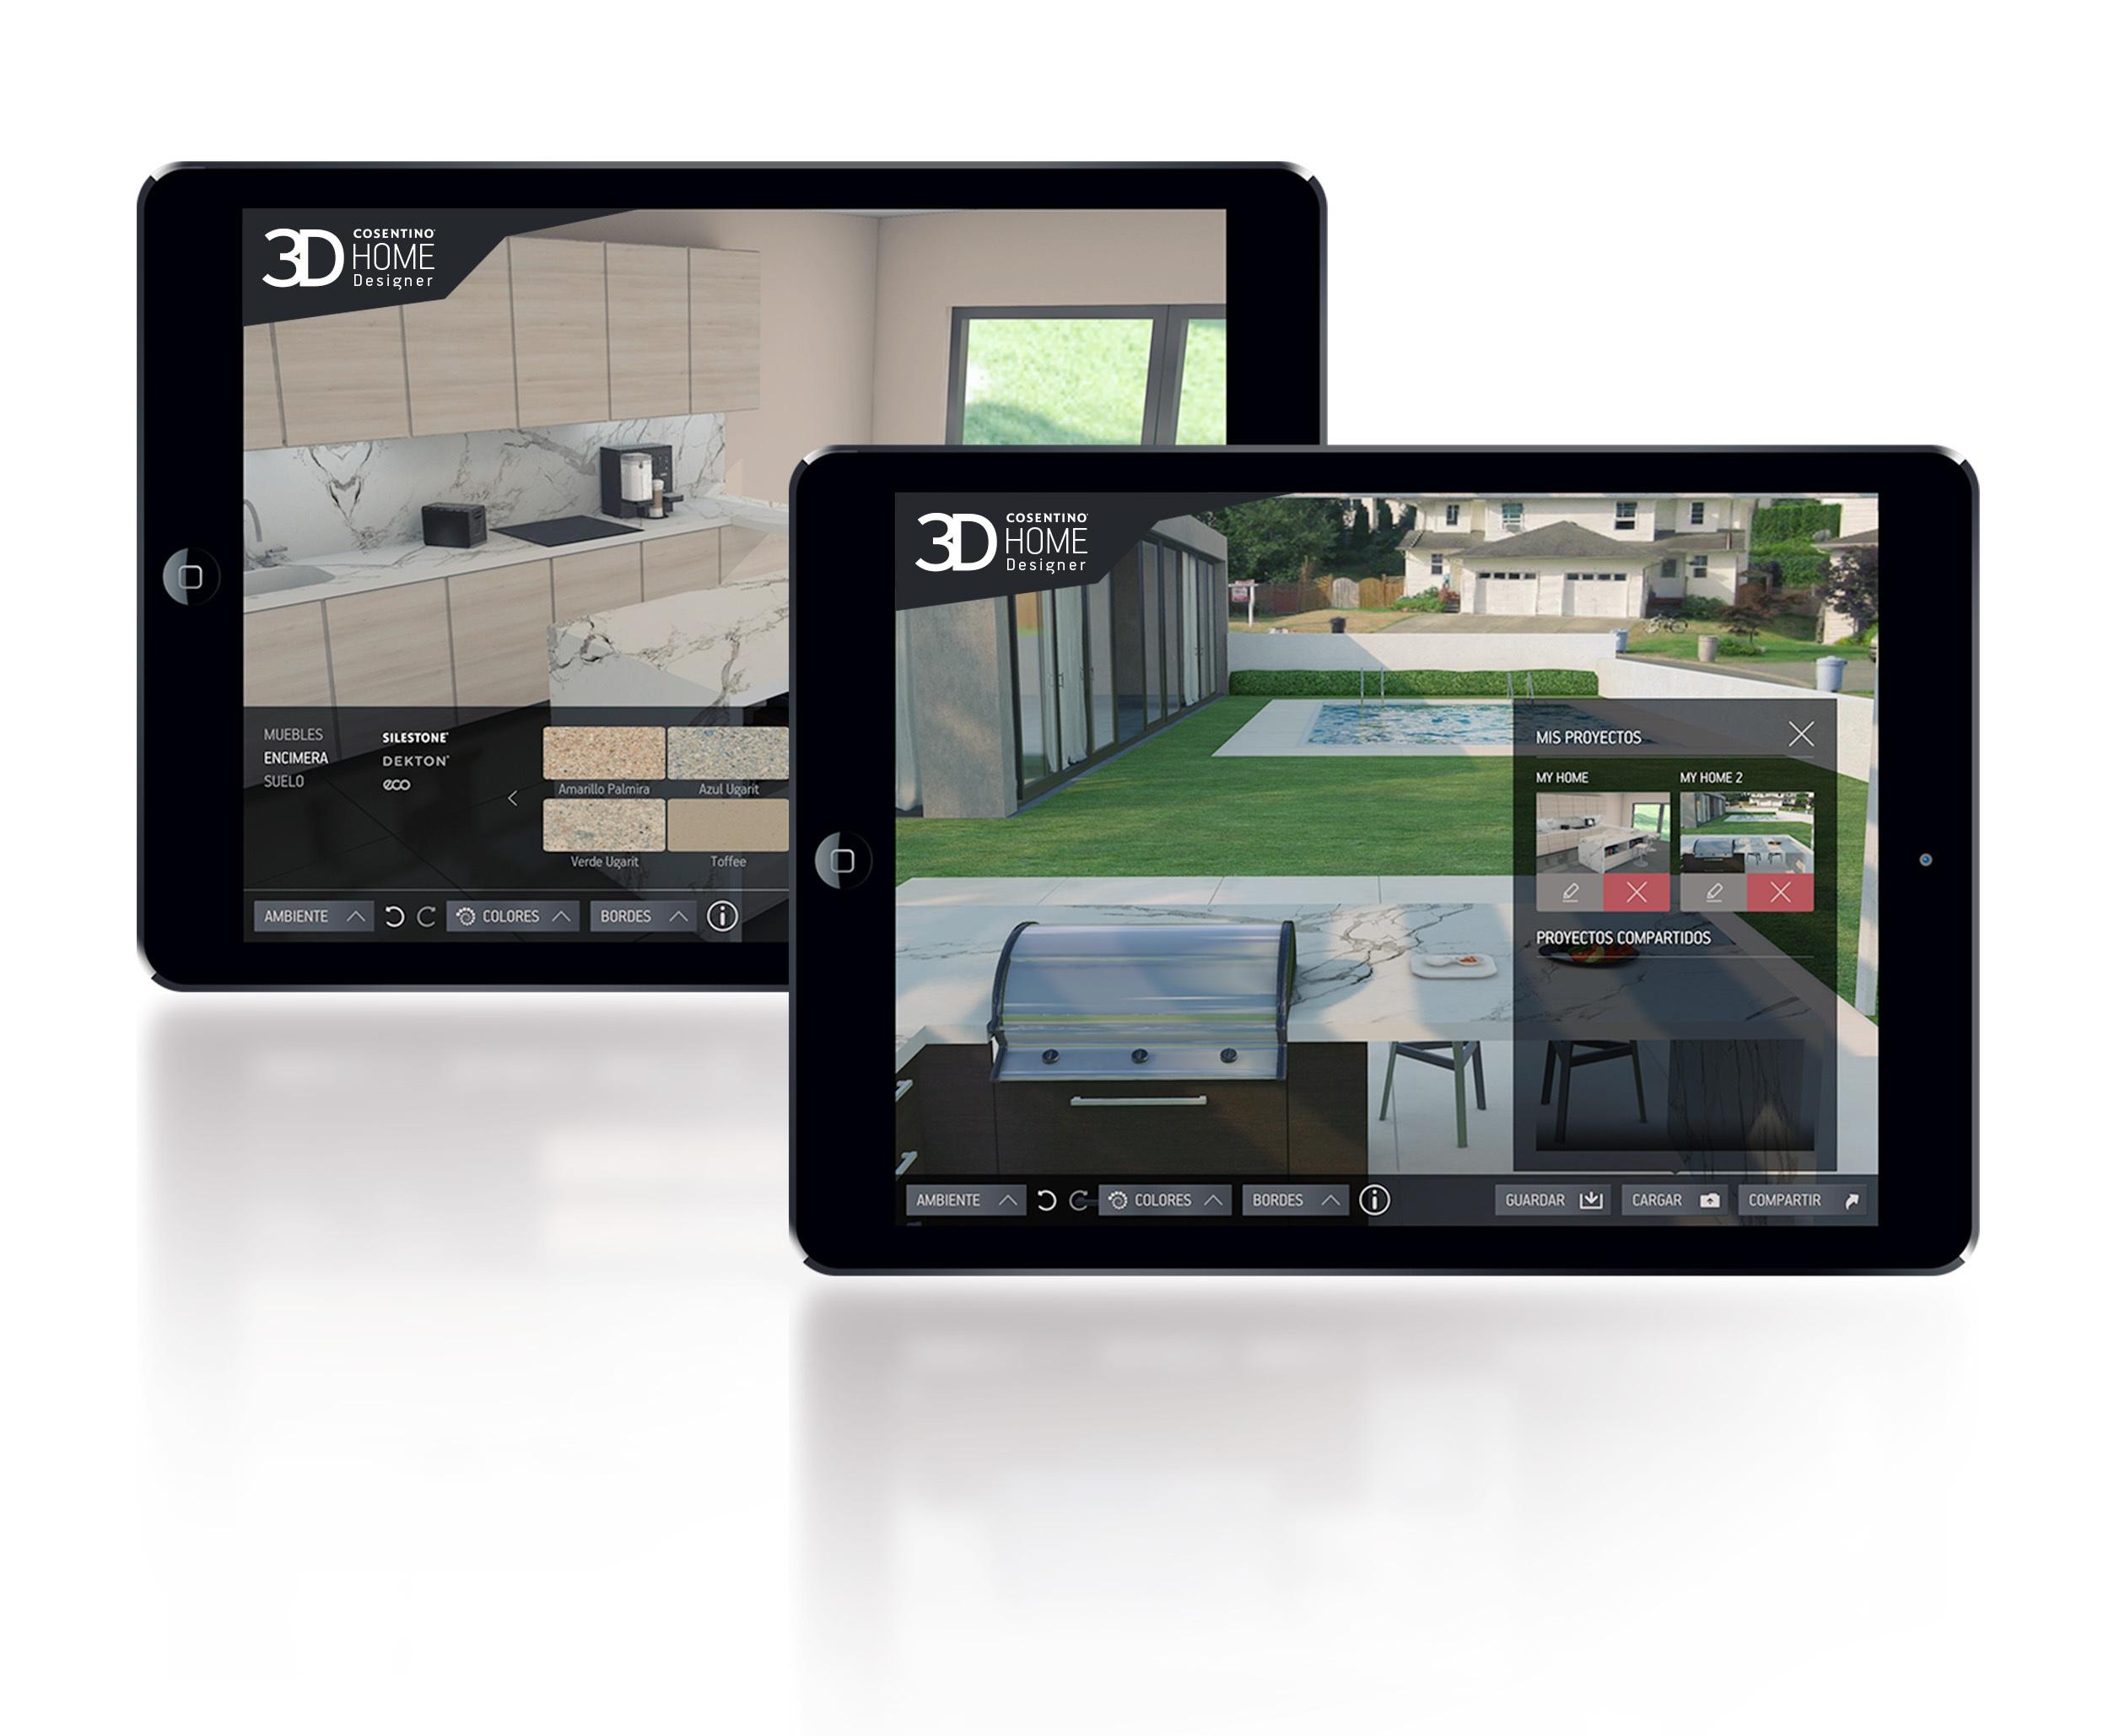 Consentino home permite dise ar y crear ambientes - App para disenar casas ...